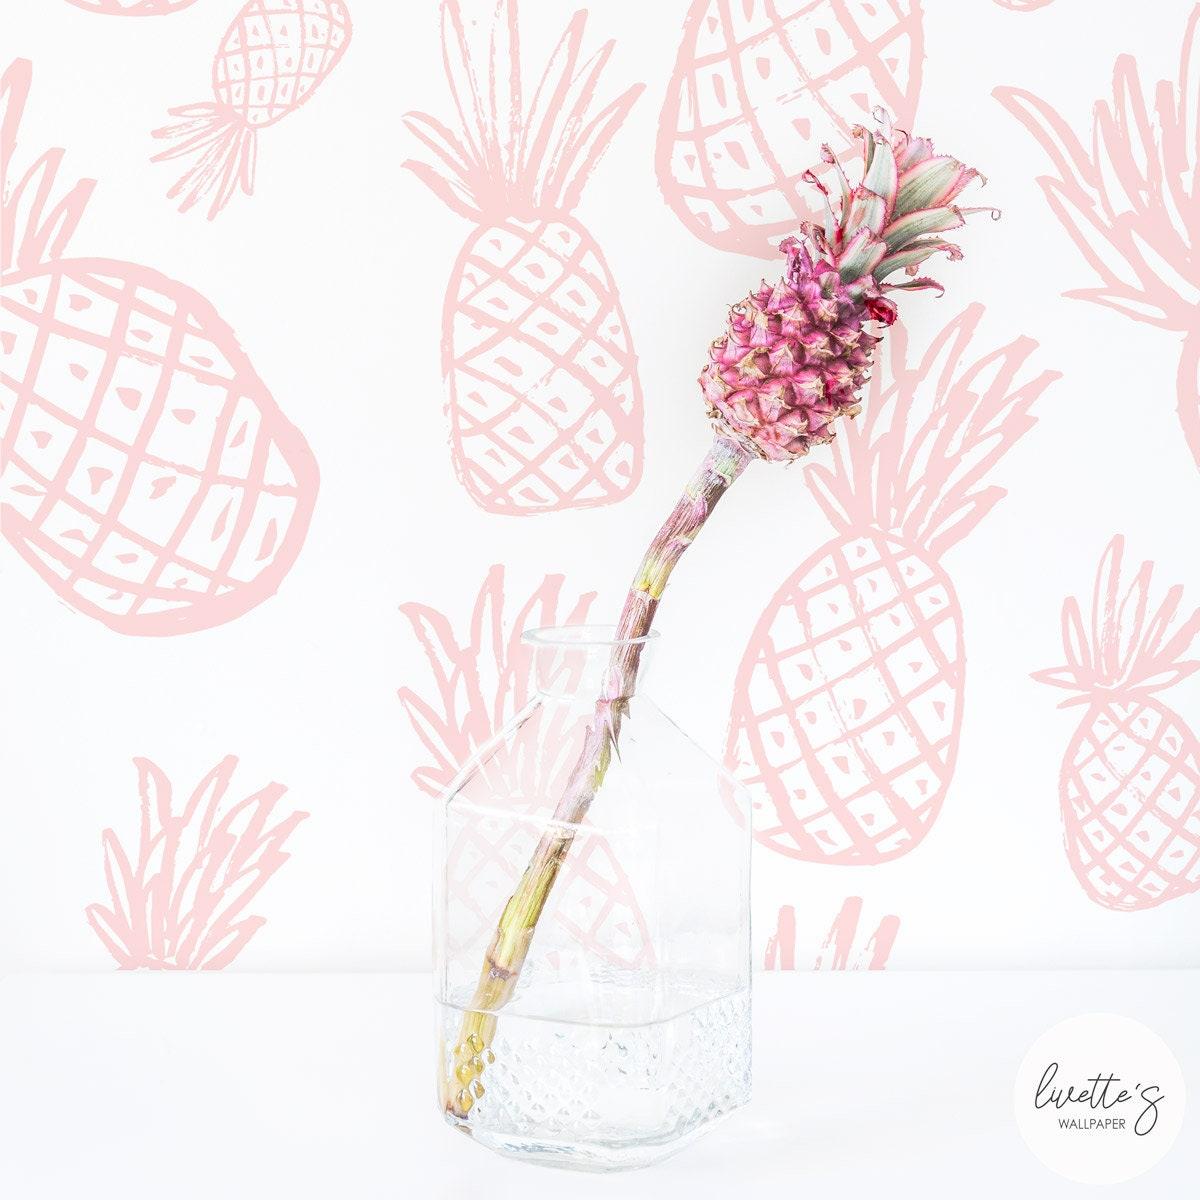 Tropischen Ananas Wallpaper / Pastell selbst Klebstoff